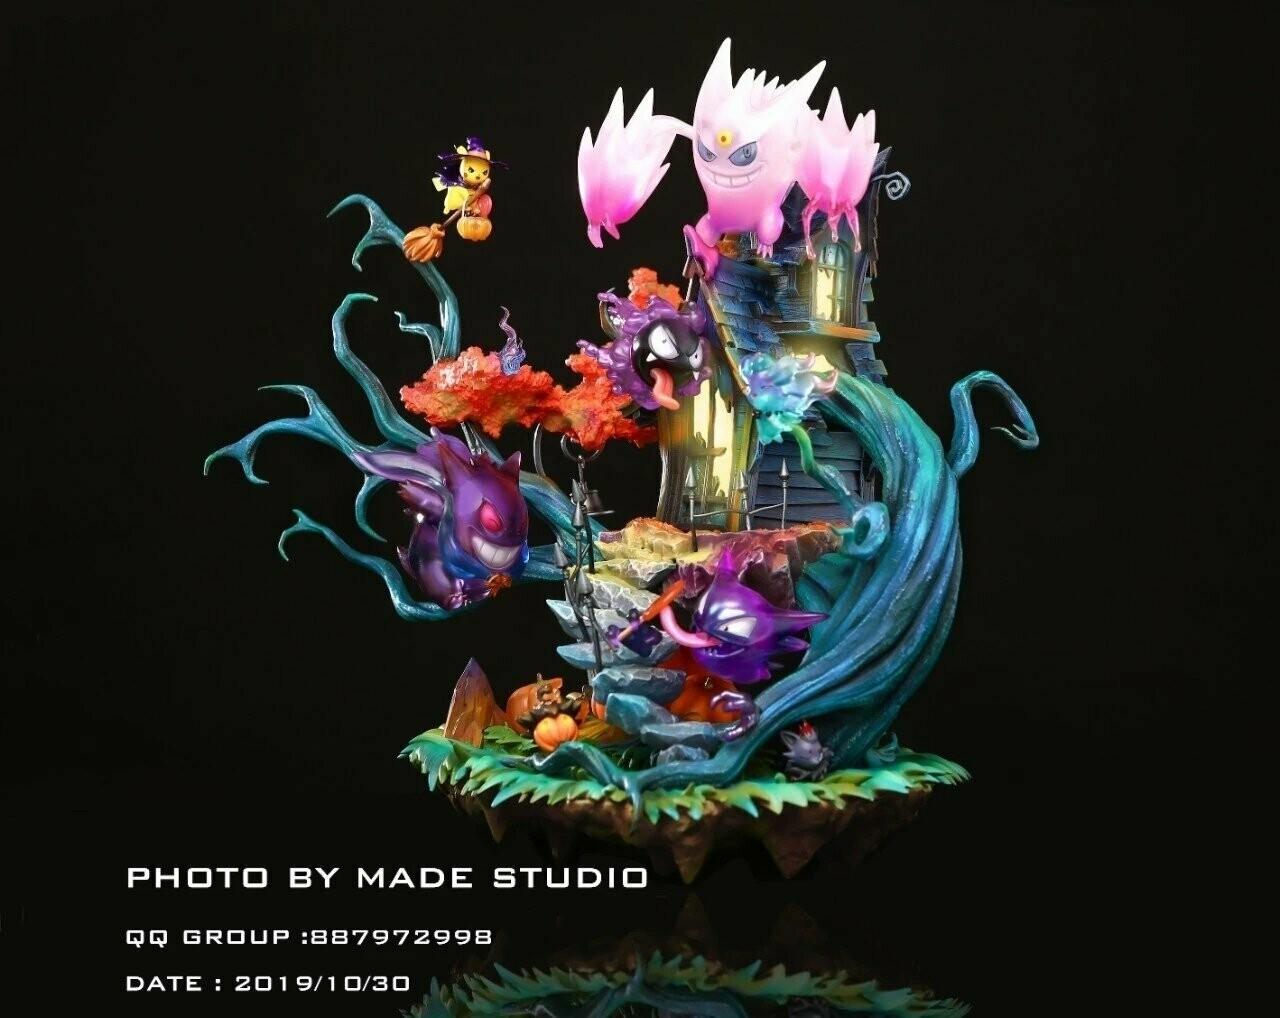 (PO) Made Studios - Pokemon Happy Halloween